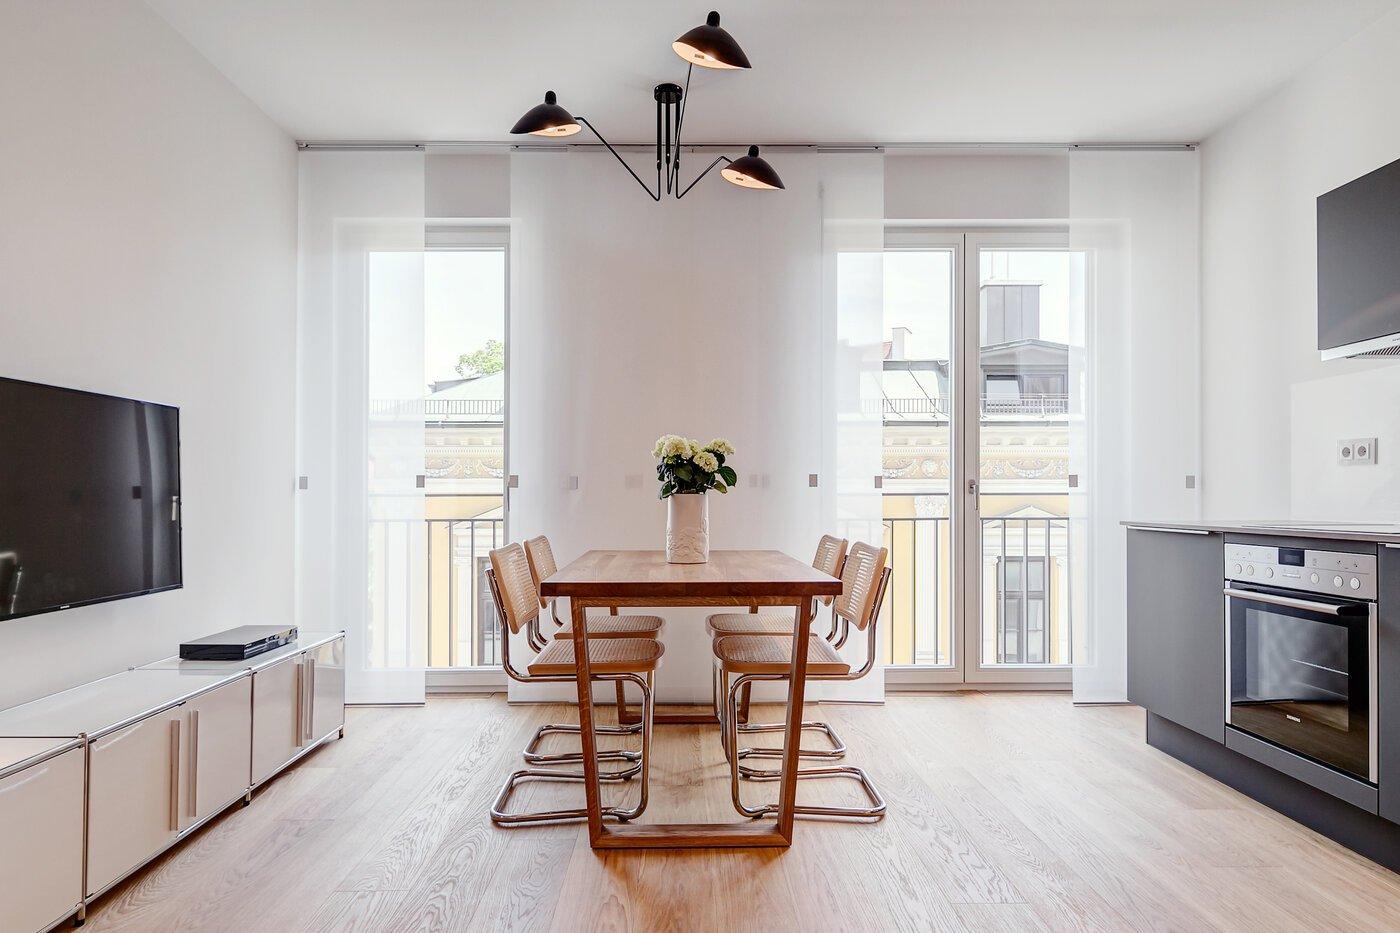 2 zimmer wohnung m bliert parkettboden m nchen schwabing 9521. Black Bedroom Furniture Sets. Home Design Ideas